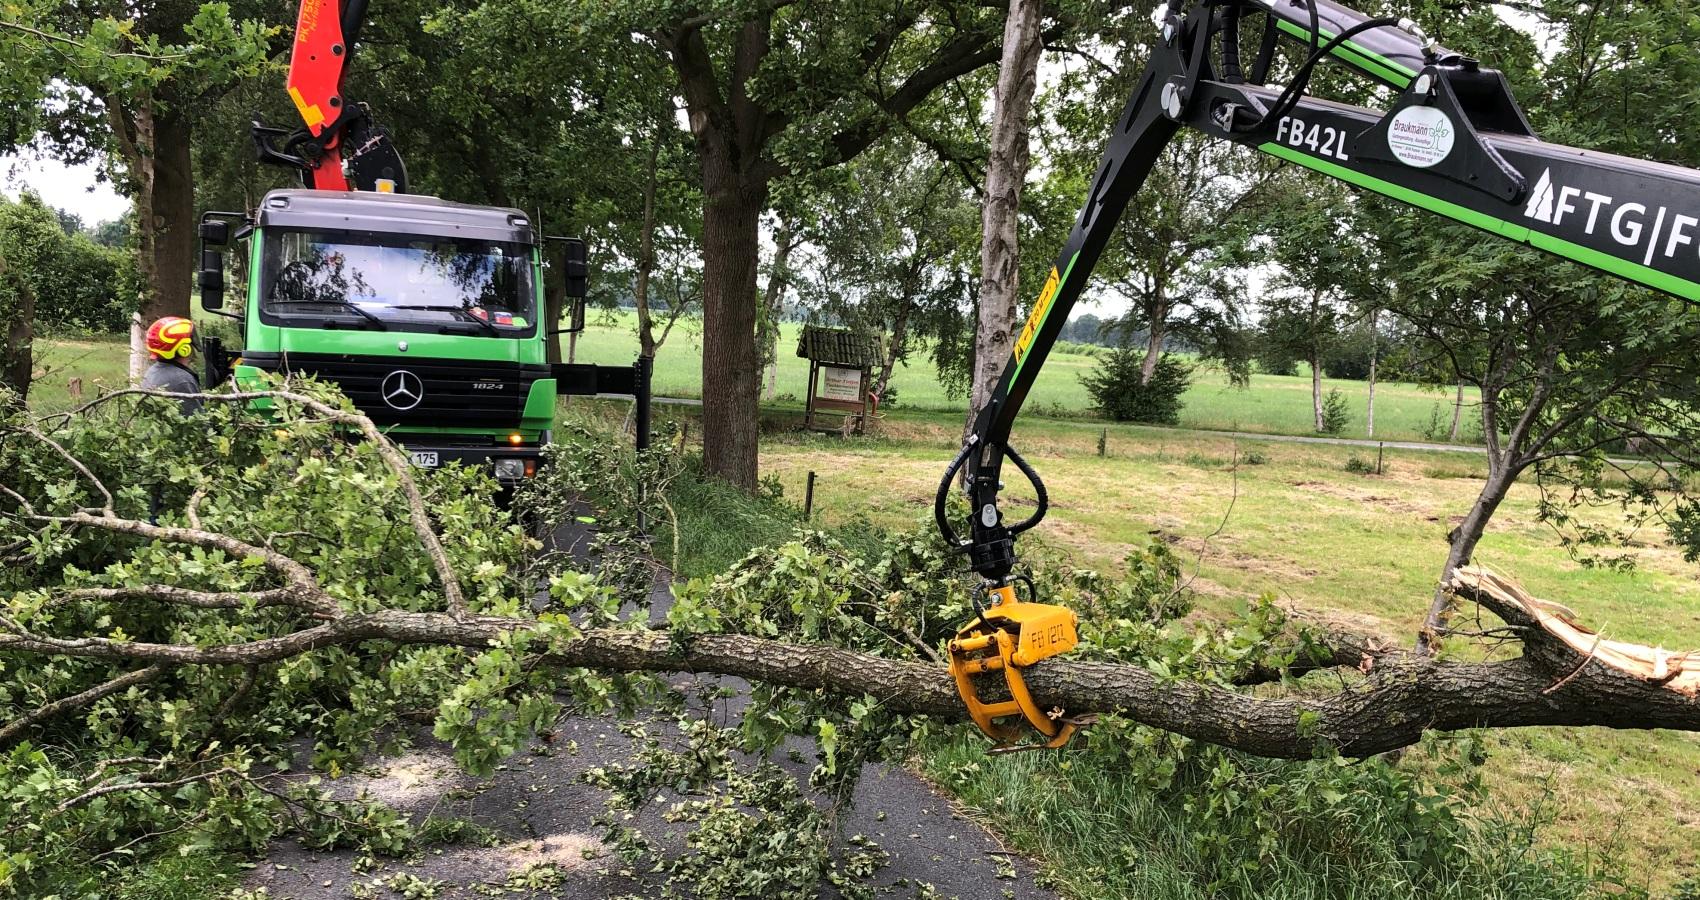 Baumpflege-Braumann-Sturmschäden auf der strasse werden mit unserem Kran schnell beseitigt